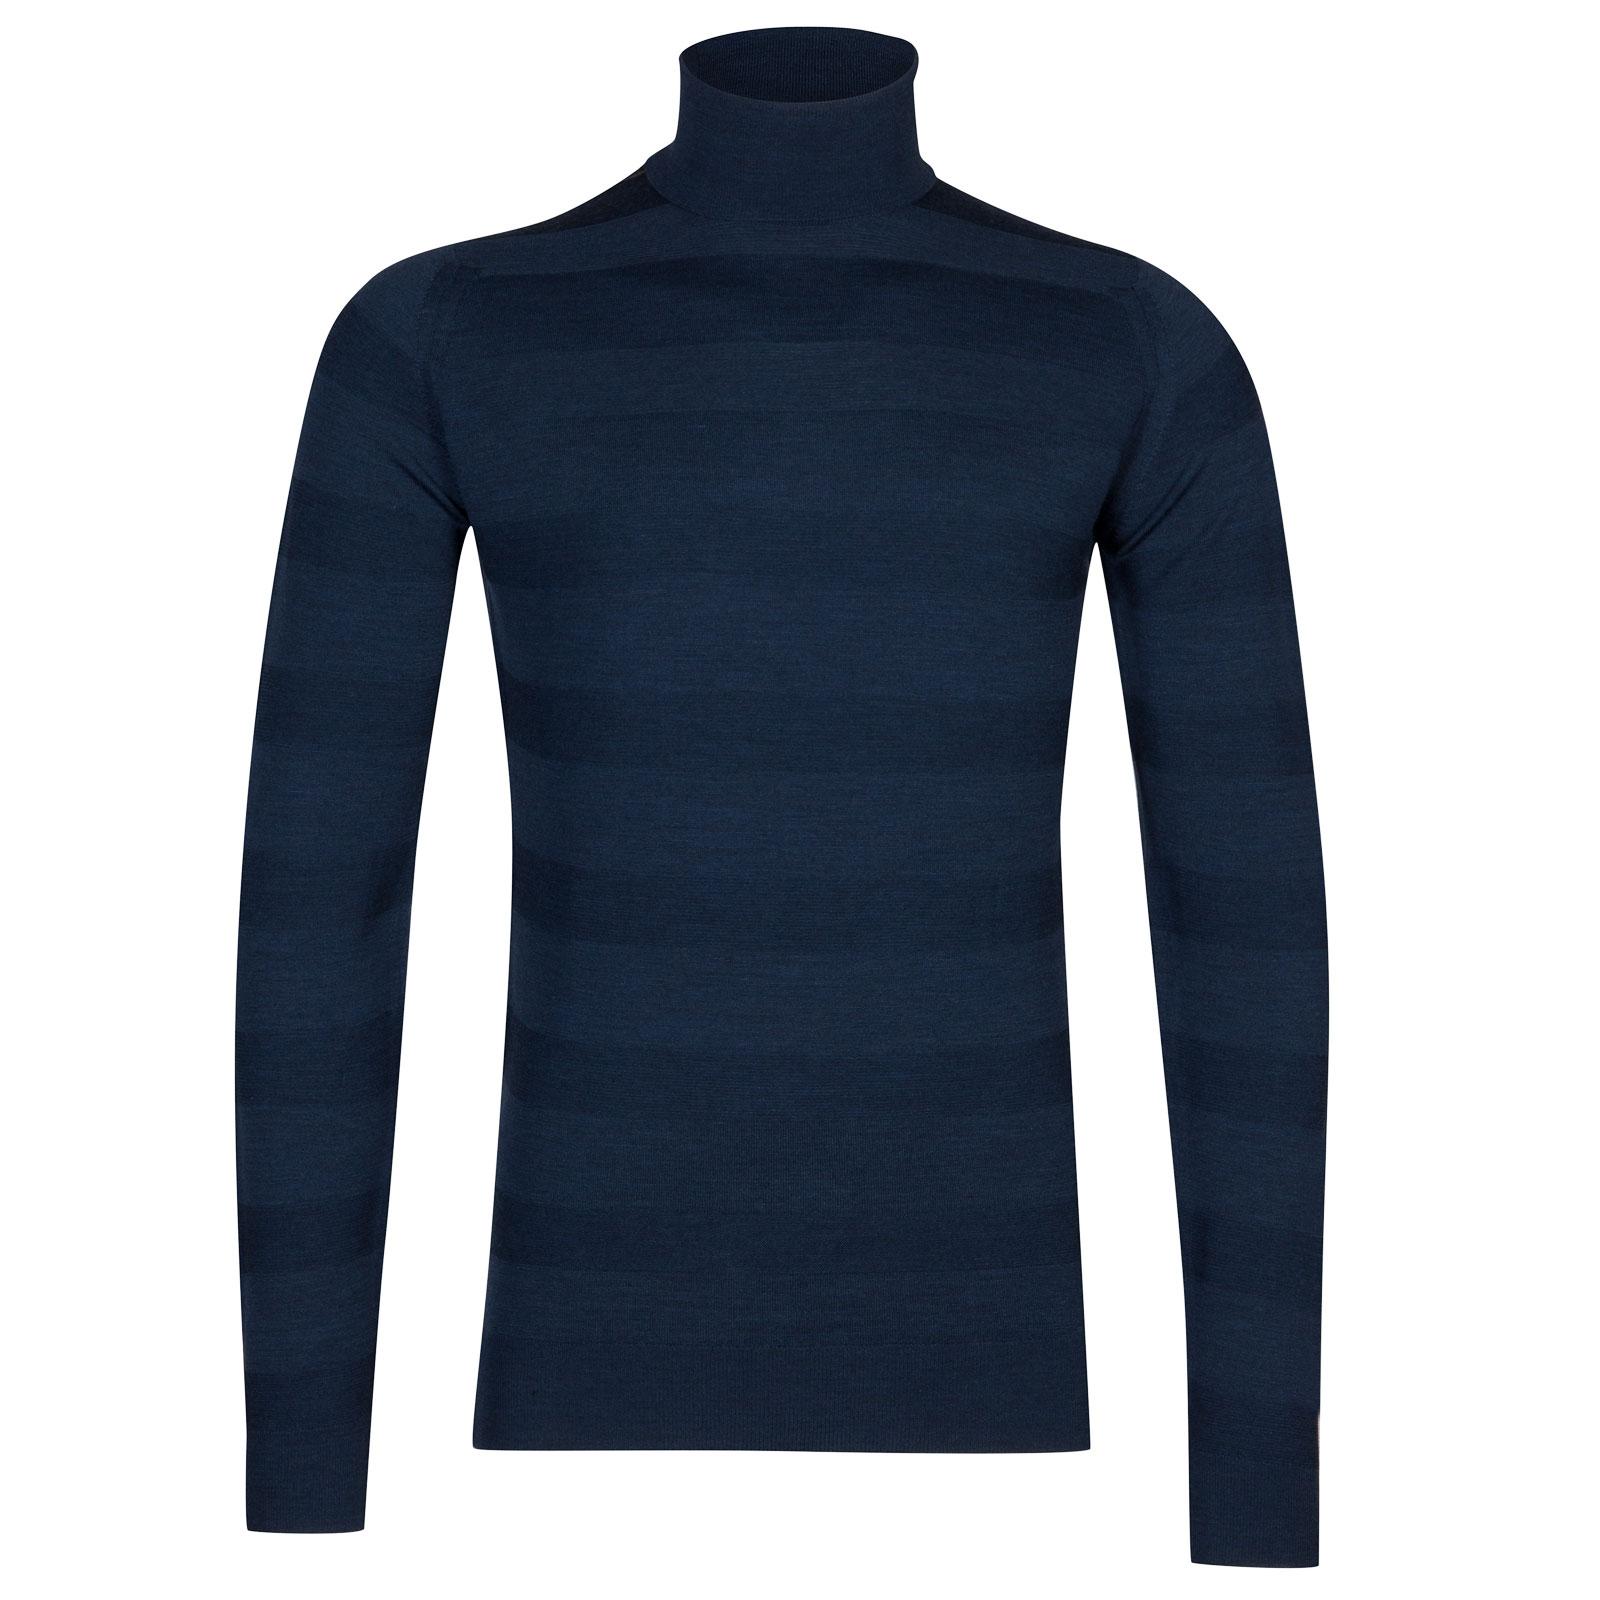 John Smedley ripley Merino Wool Pullover in Indigo-L